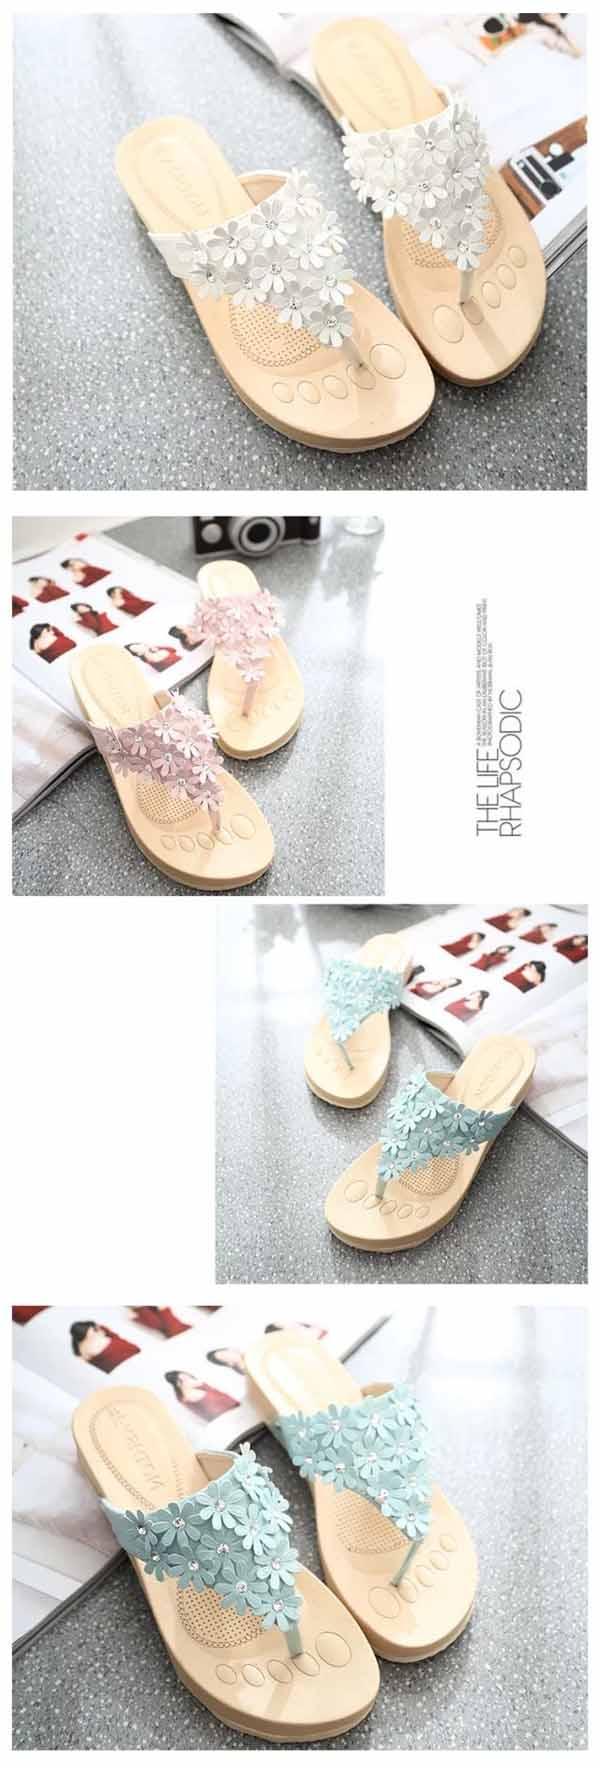 รองเท้าแตะหูคีบ แฟชั่นเกาหลีส้นหนาแบบหนีบแต่งดอกไม้น่ารักมาก นำเข้า ไซส์35ถึง39 สีขาว/ฟ้า/ชมพู - พรีออเดอร์RB2252 ราคา1200บาท